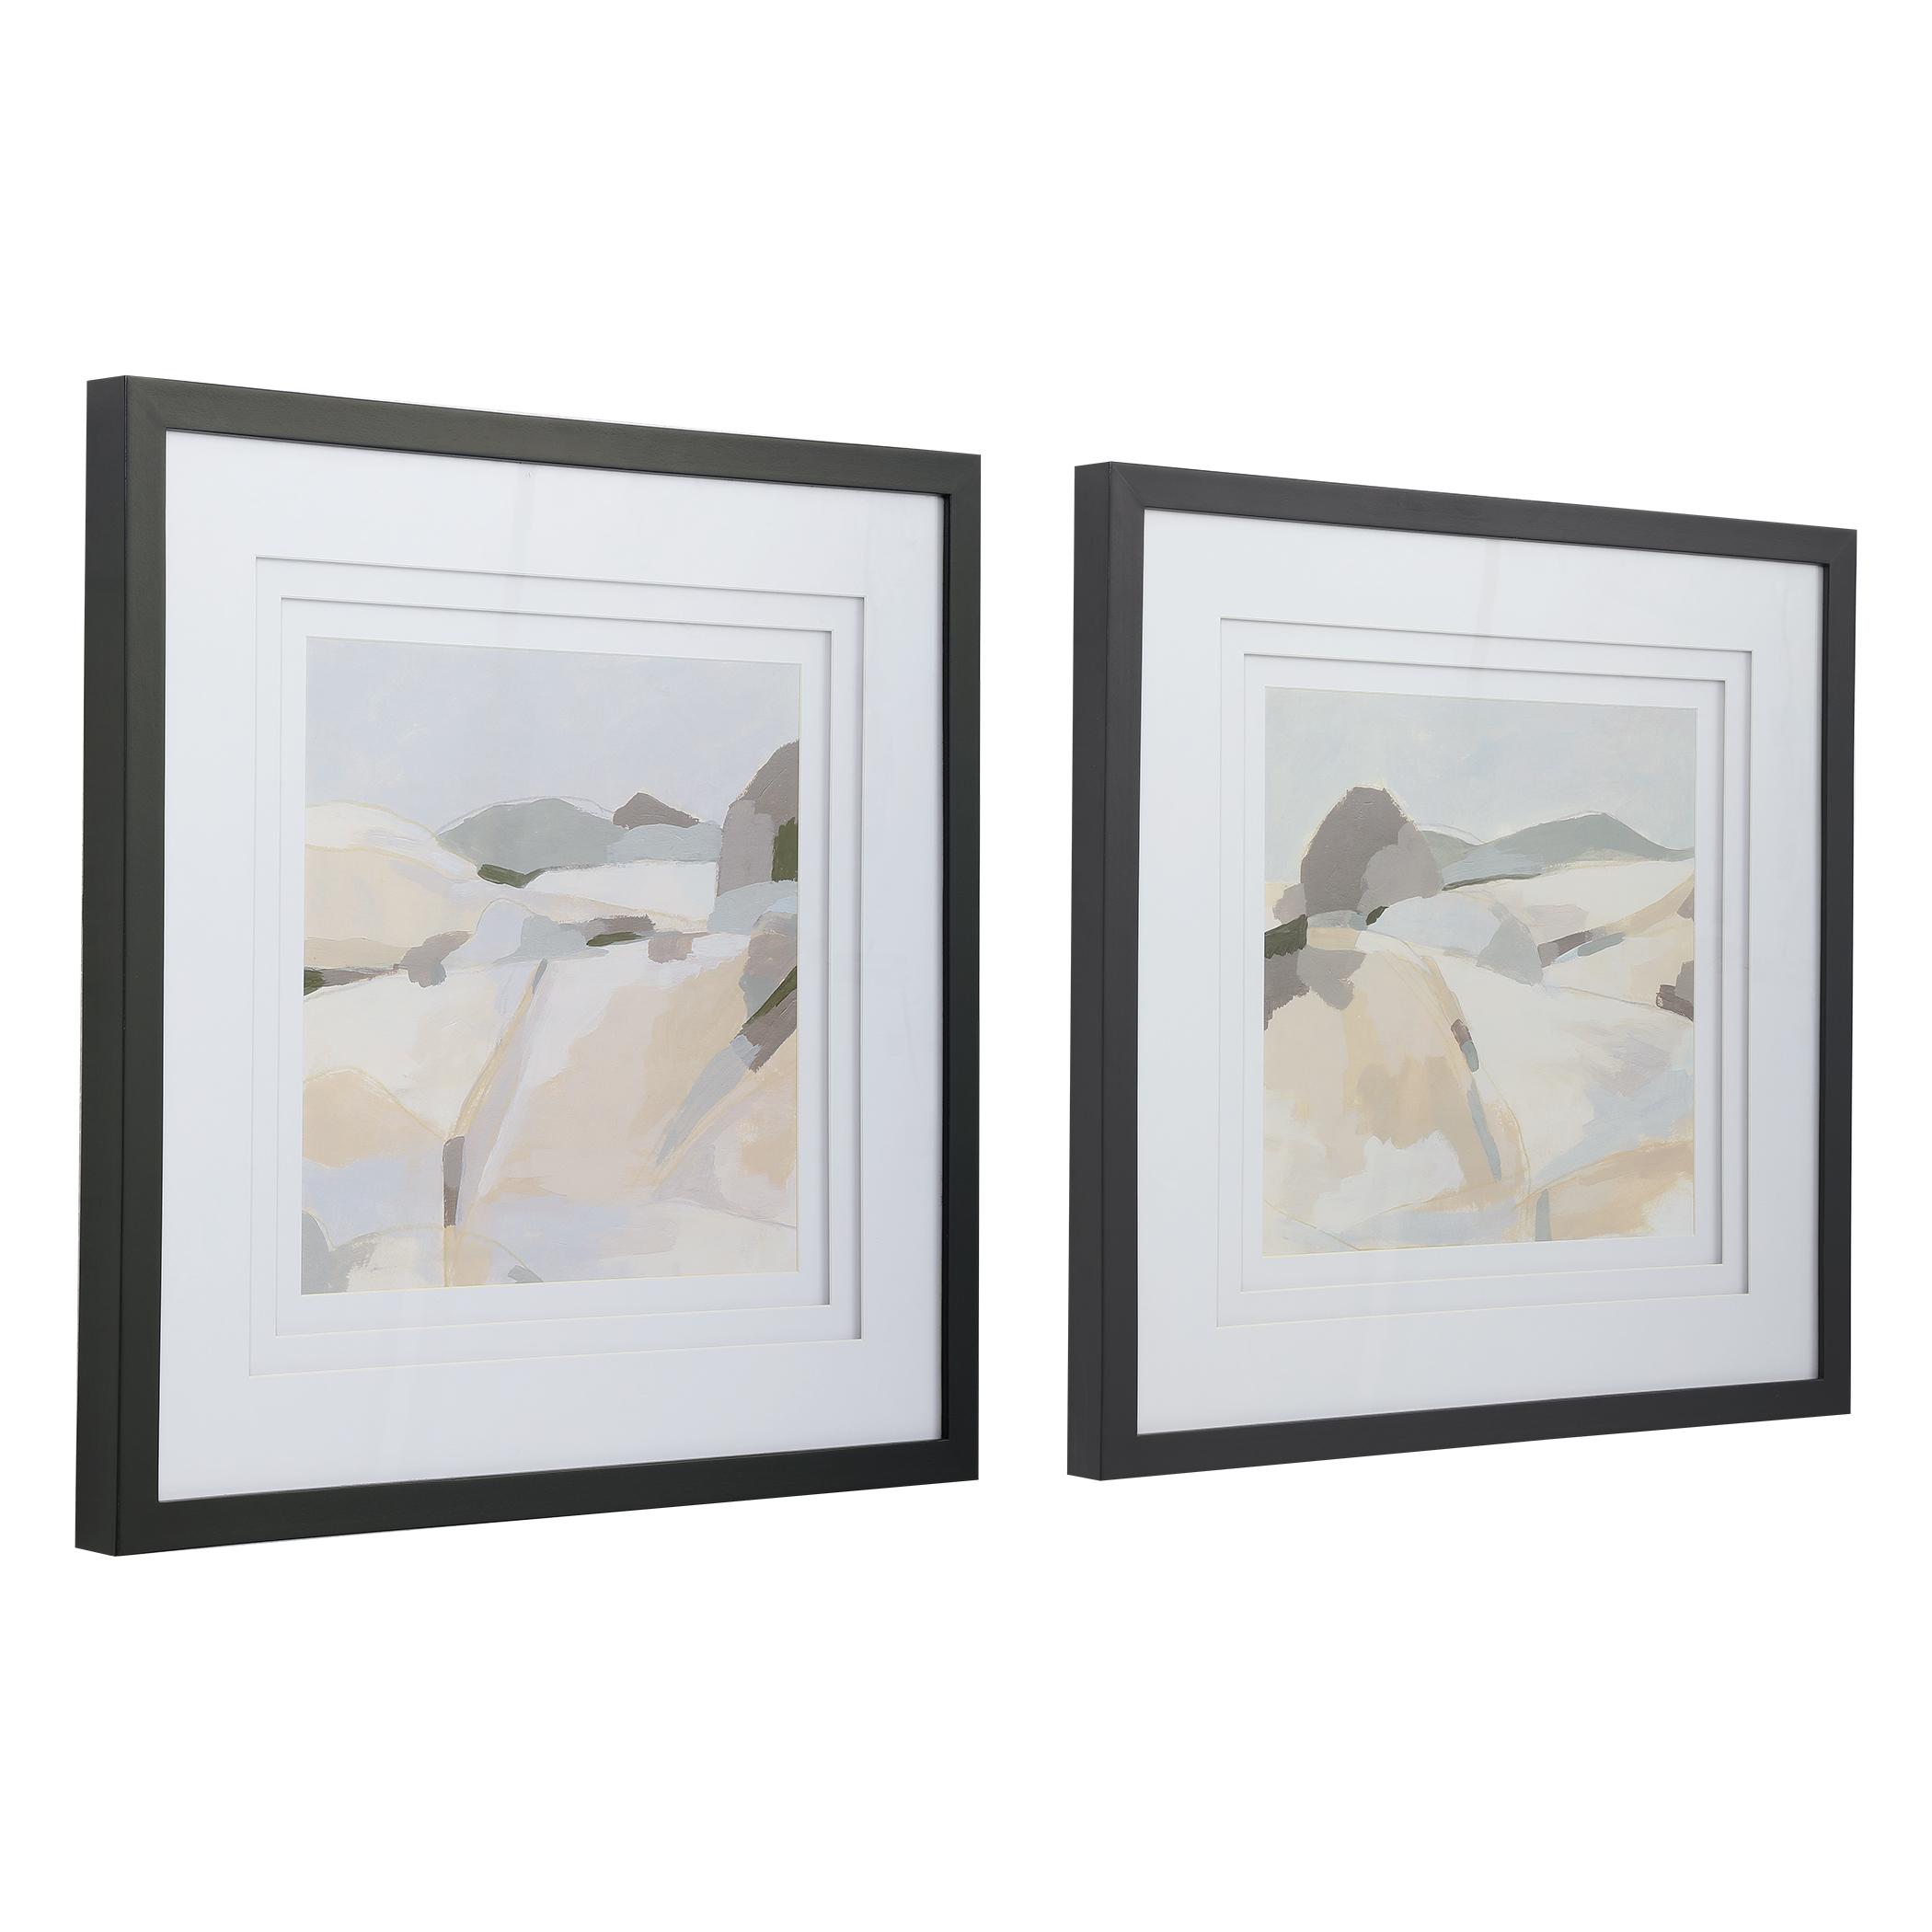 Framed Western Landscape Prints, Set of 2